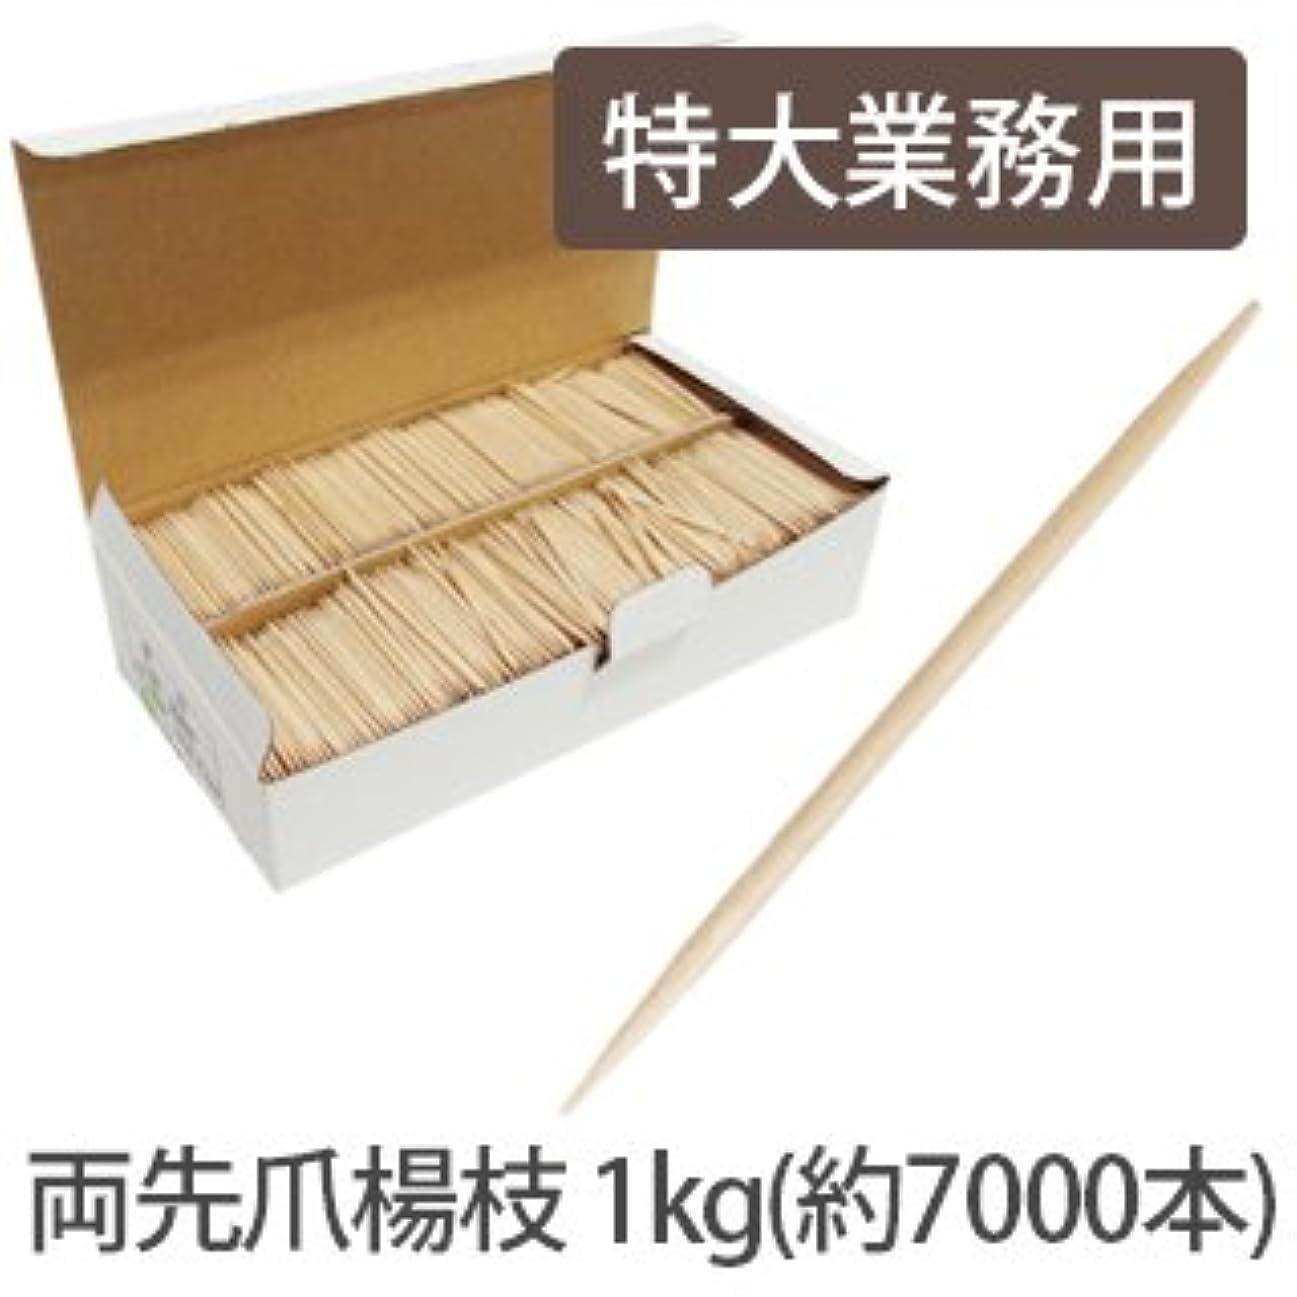 美容専門 両先爪楊枝 約7000本 1Kg入 特大業務用